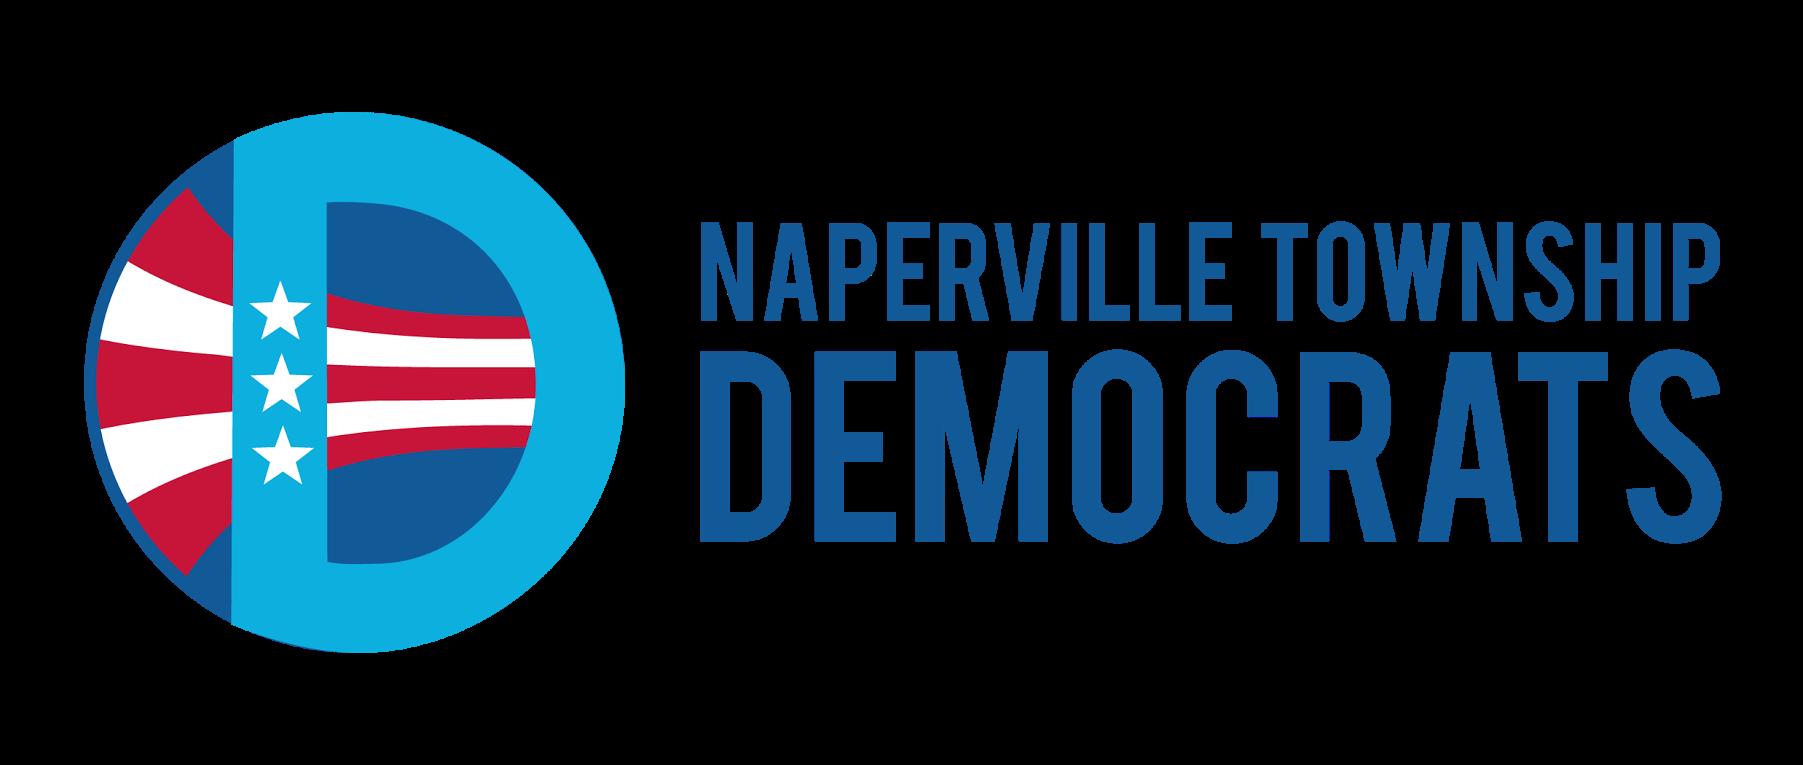 Naperville Township Democrats